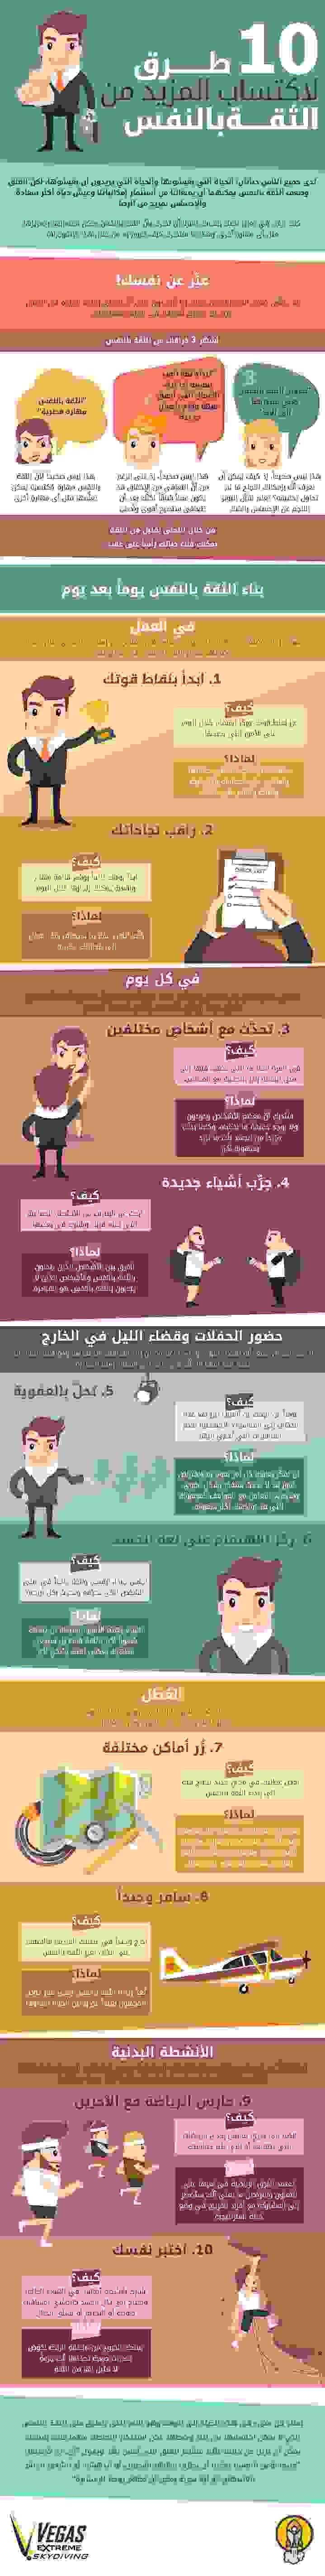 10 طرق لاكتساب المزيد من الثقة